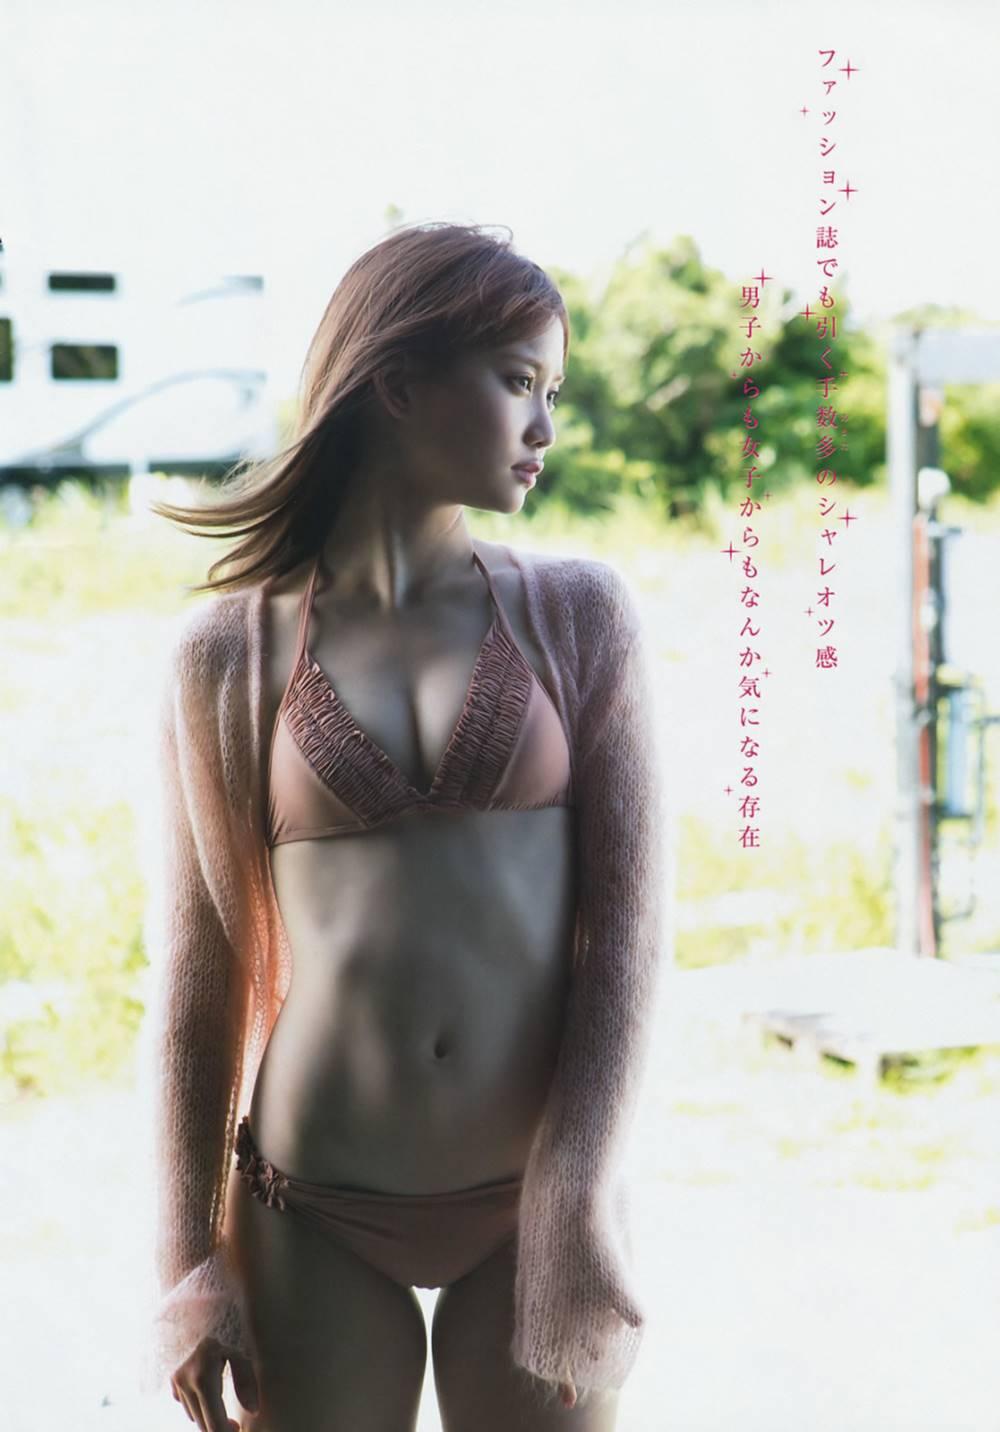 永尾まりや(AKB48)画像 62